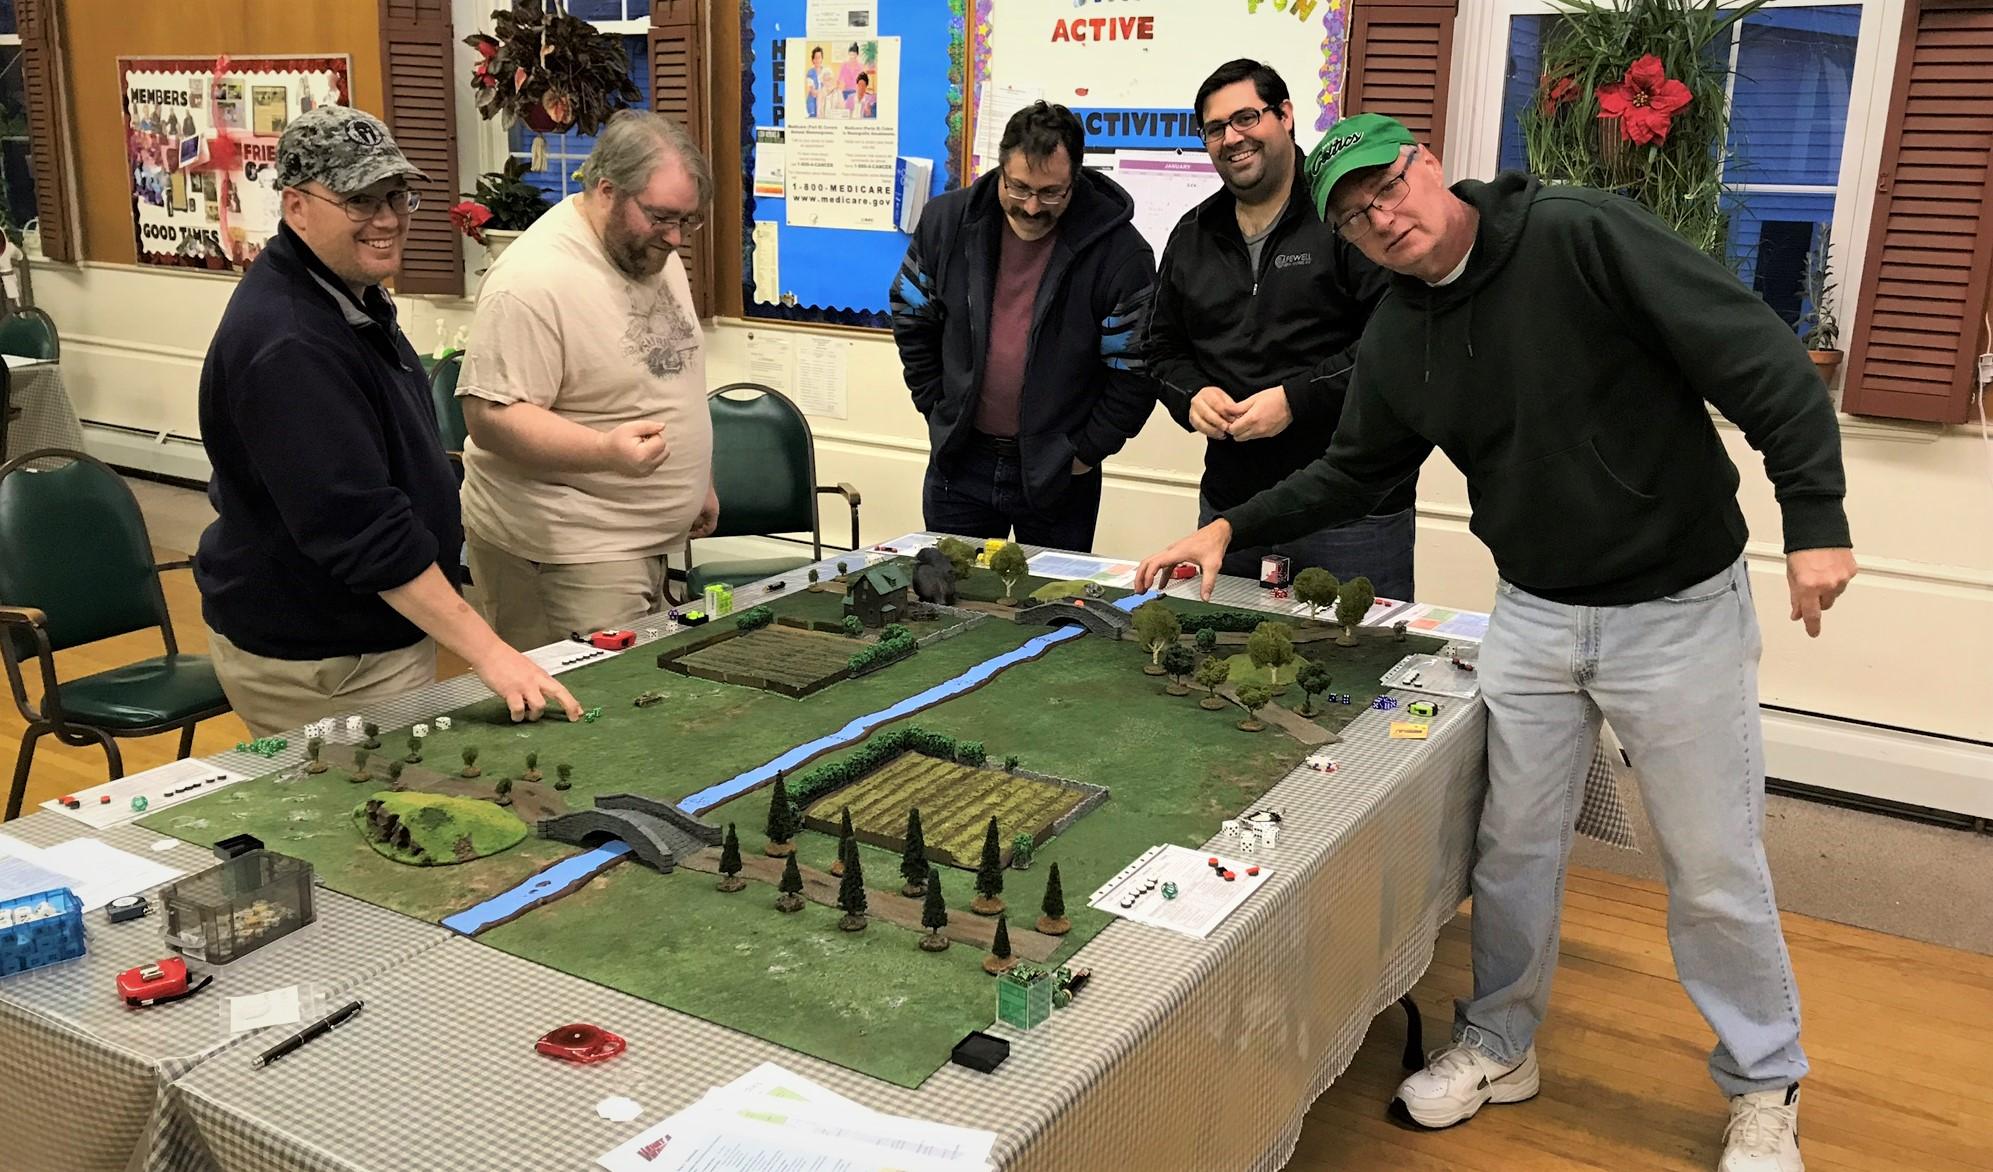 8 the players having fun